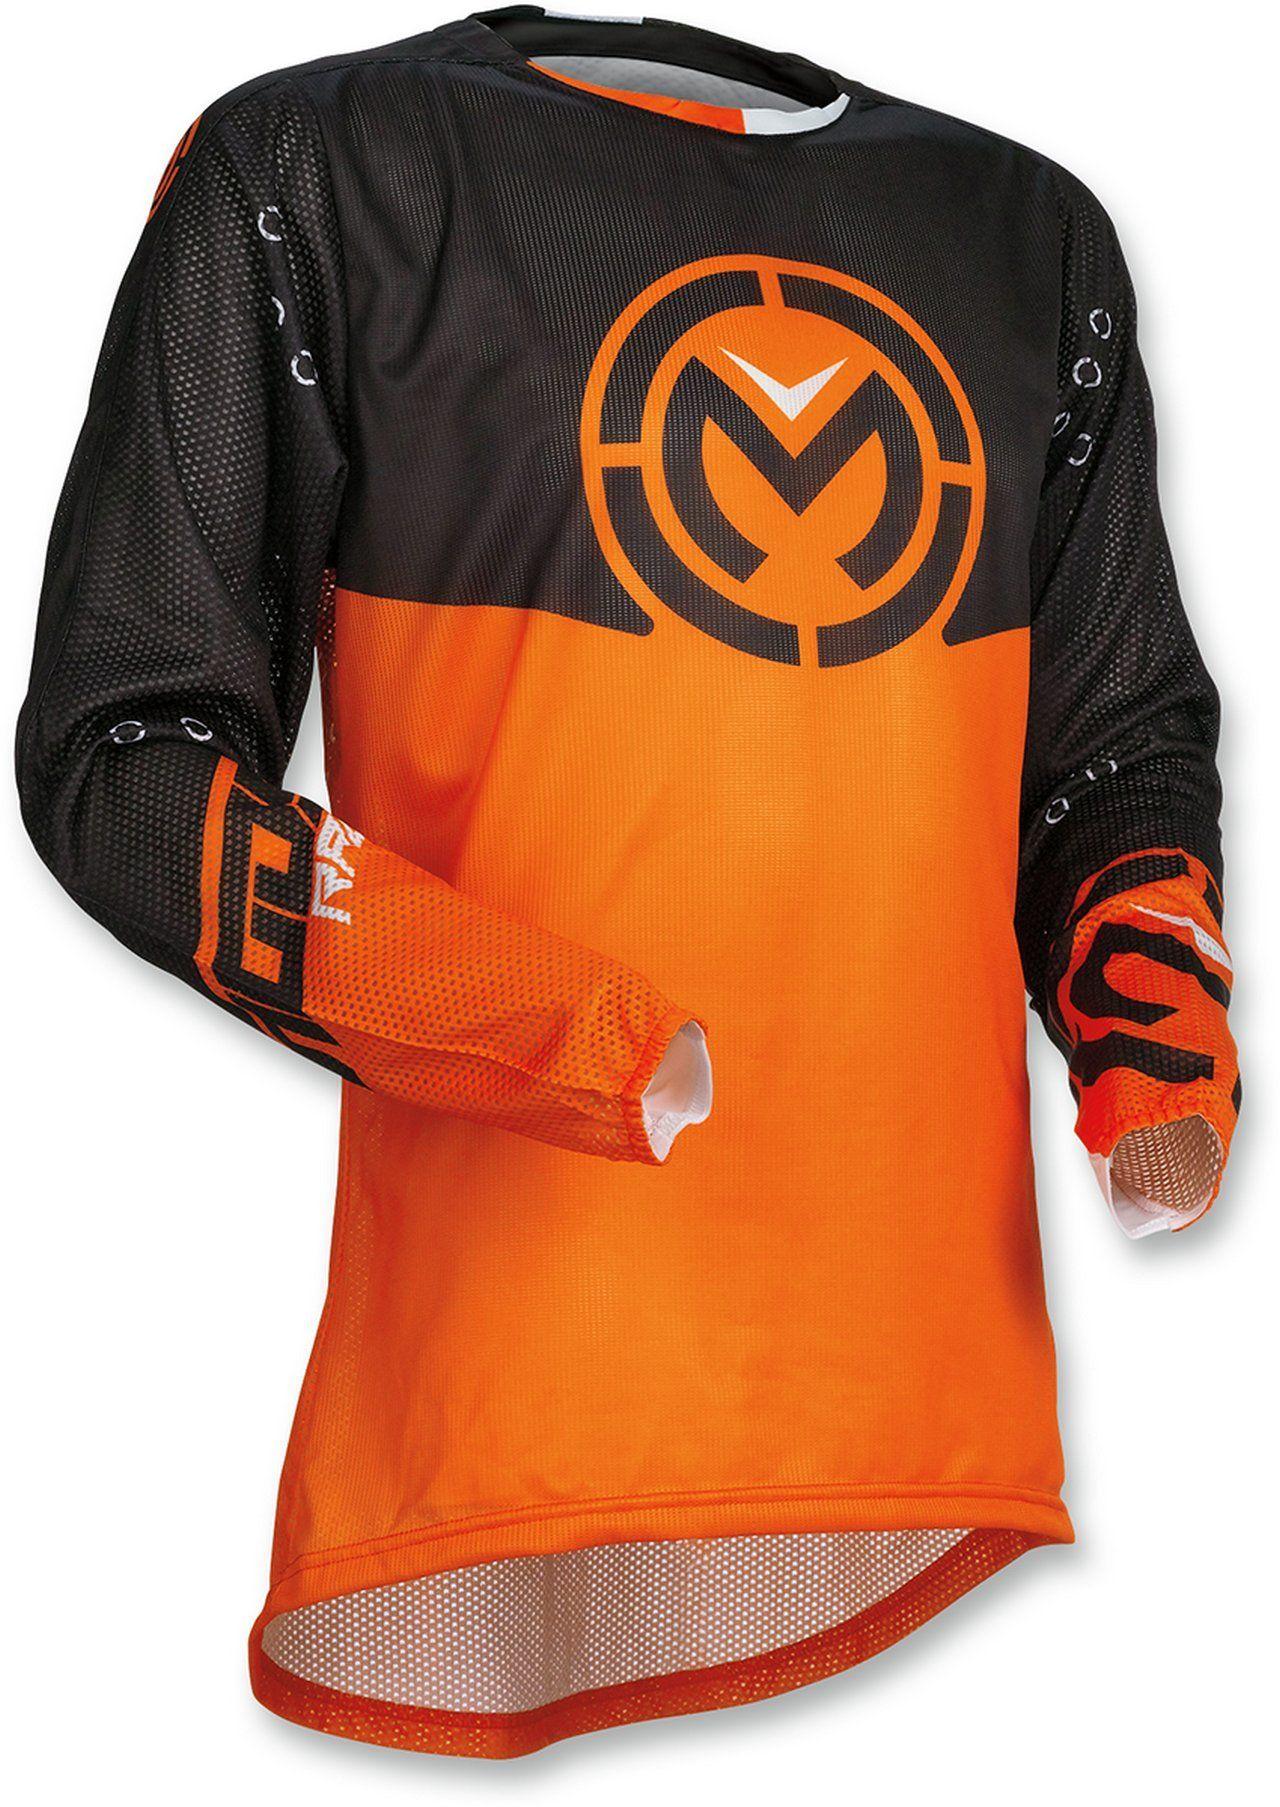 【MOOSE RACING】Sahara 越野車衣 [2910-4567] - 「Webike-摩托百貨」